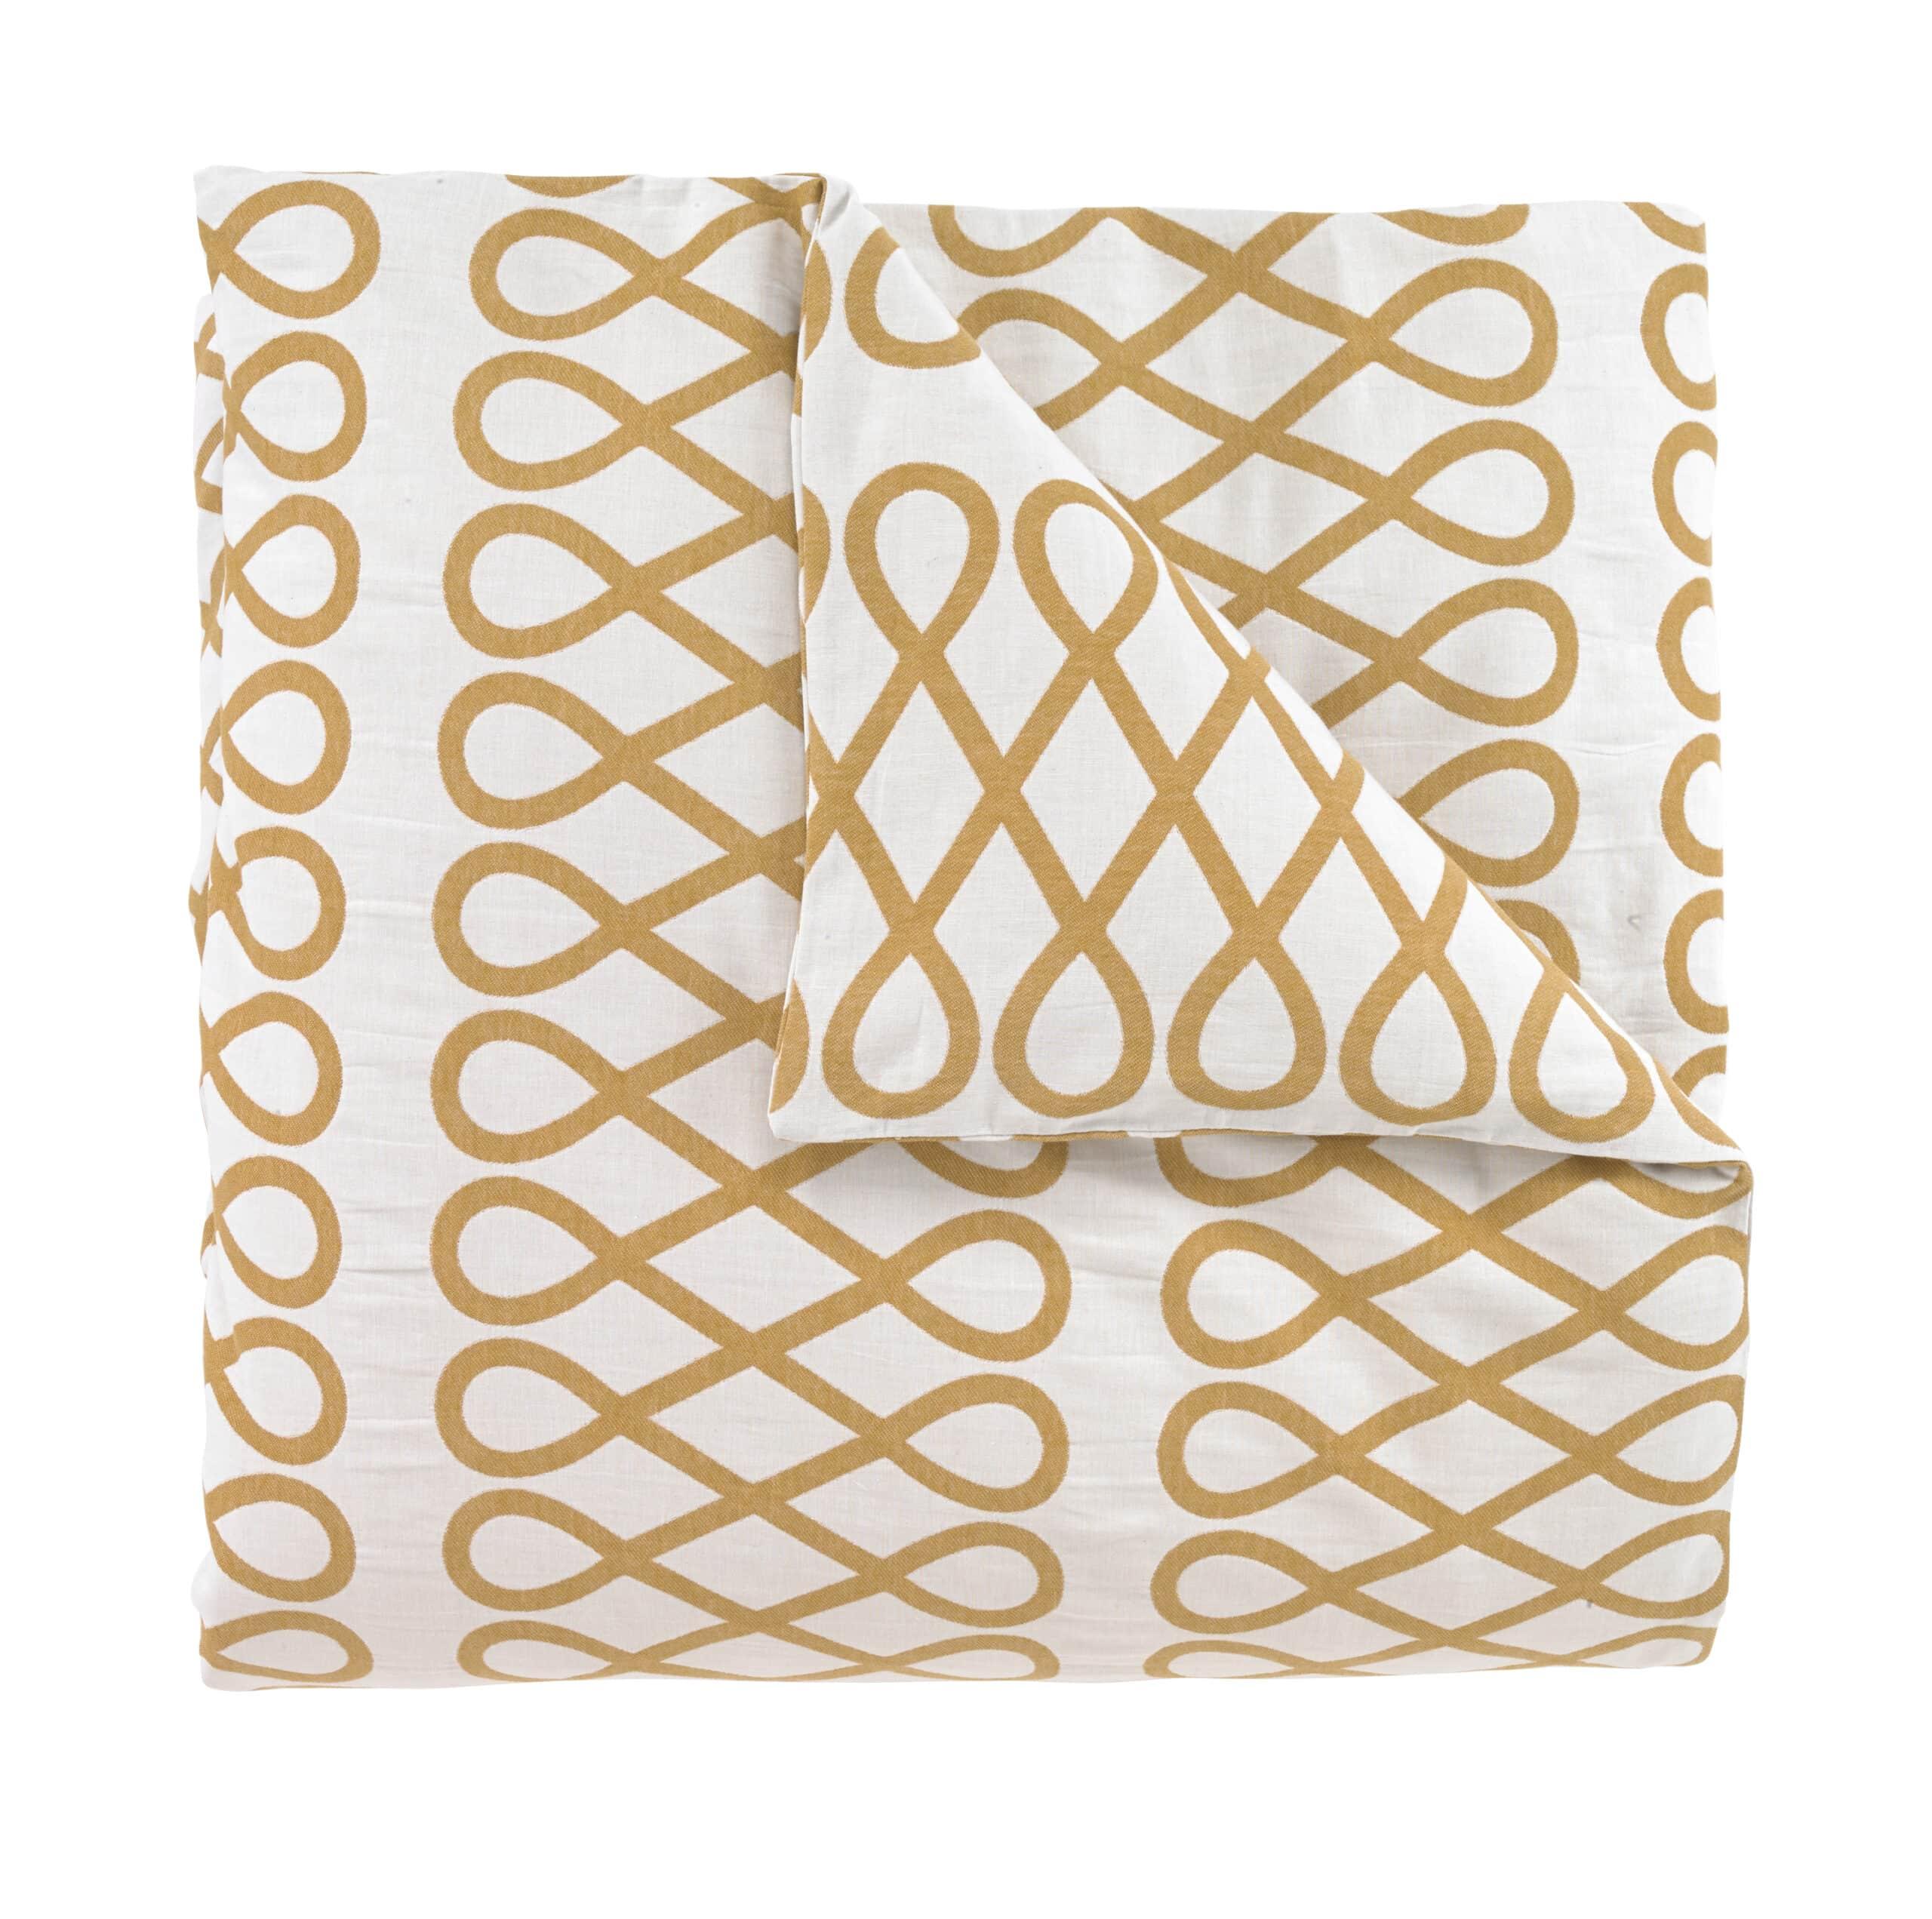 Loop Ochre Duvet All Modern Bedding Cococozy Bedding